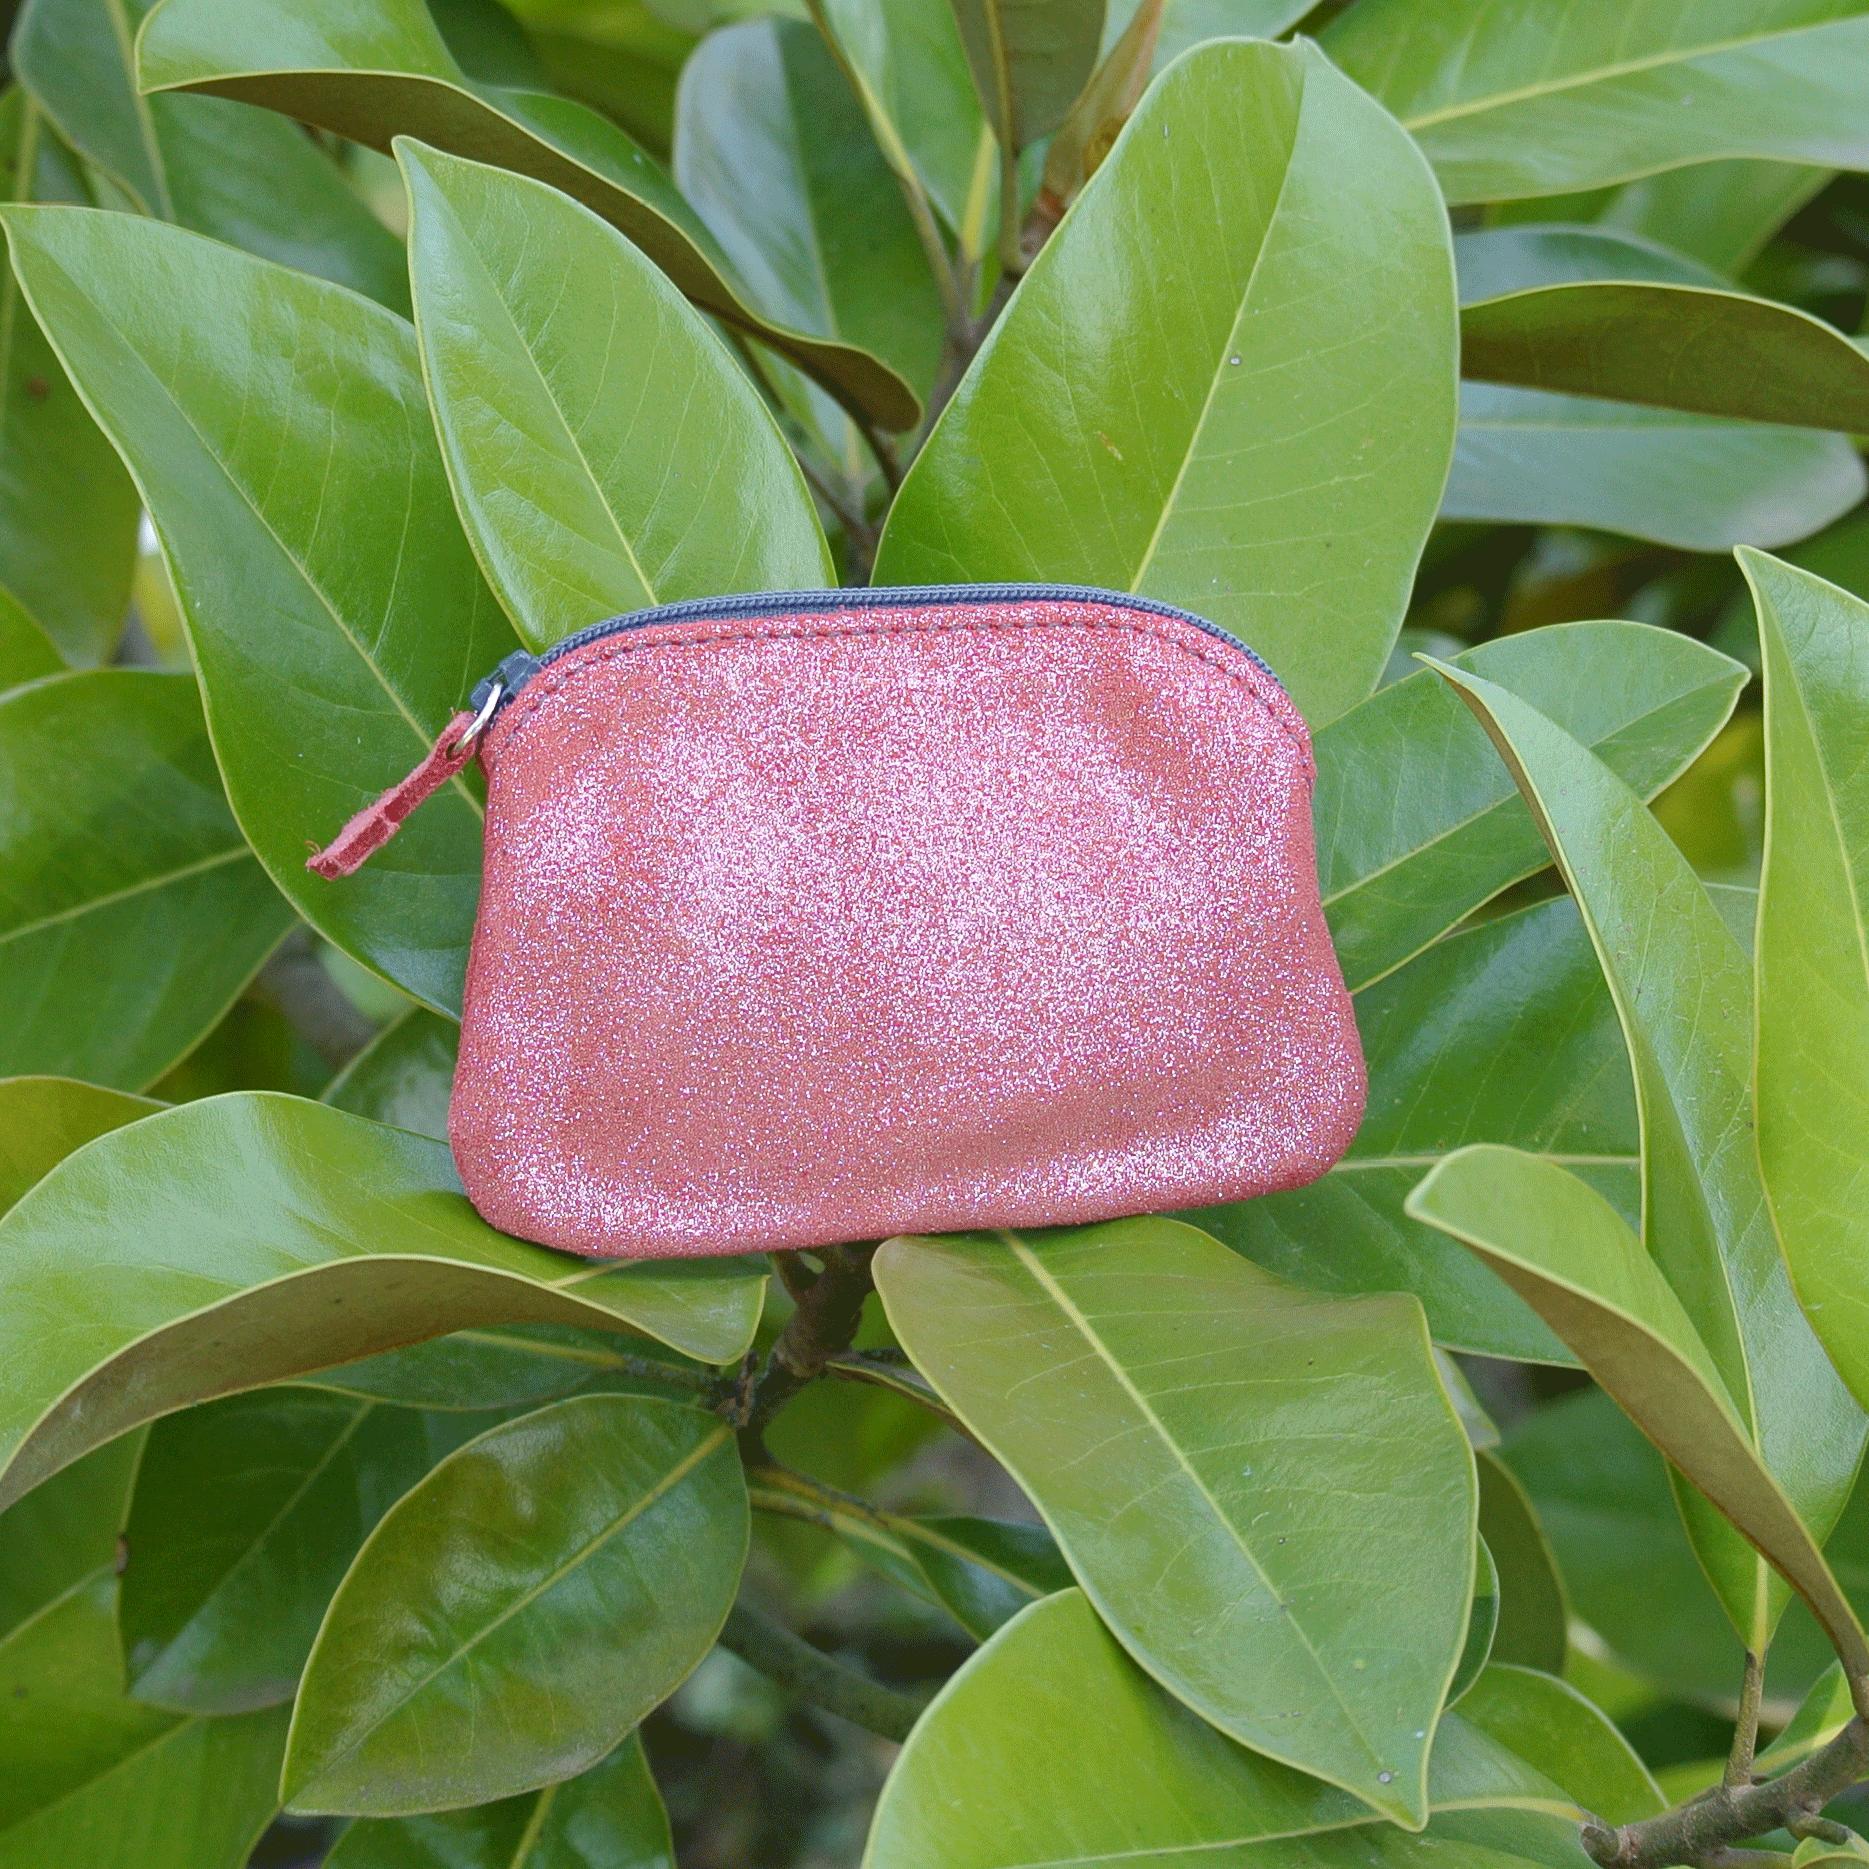 cuirs-fantaisies-la-cartabliere-fabrique-en-france-porte-monnaie-kiwi-en-cuir-paillete-corail